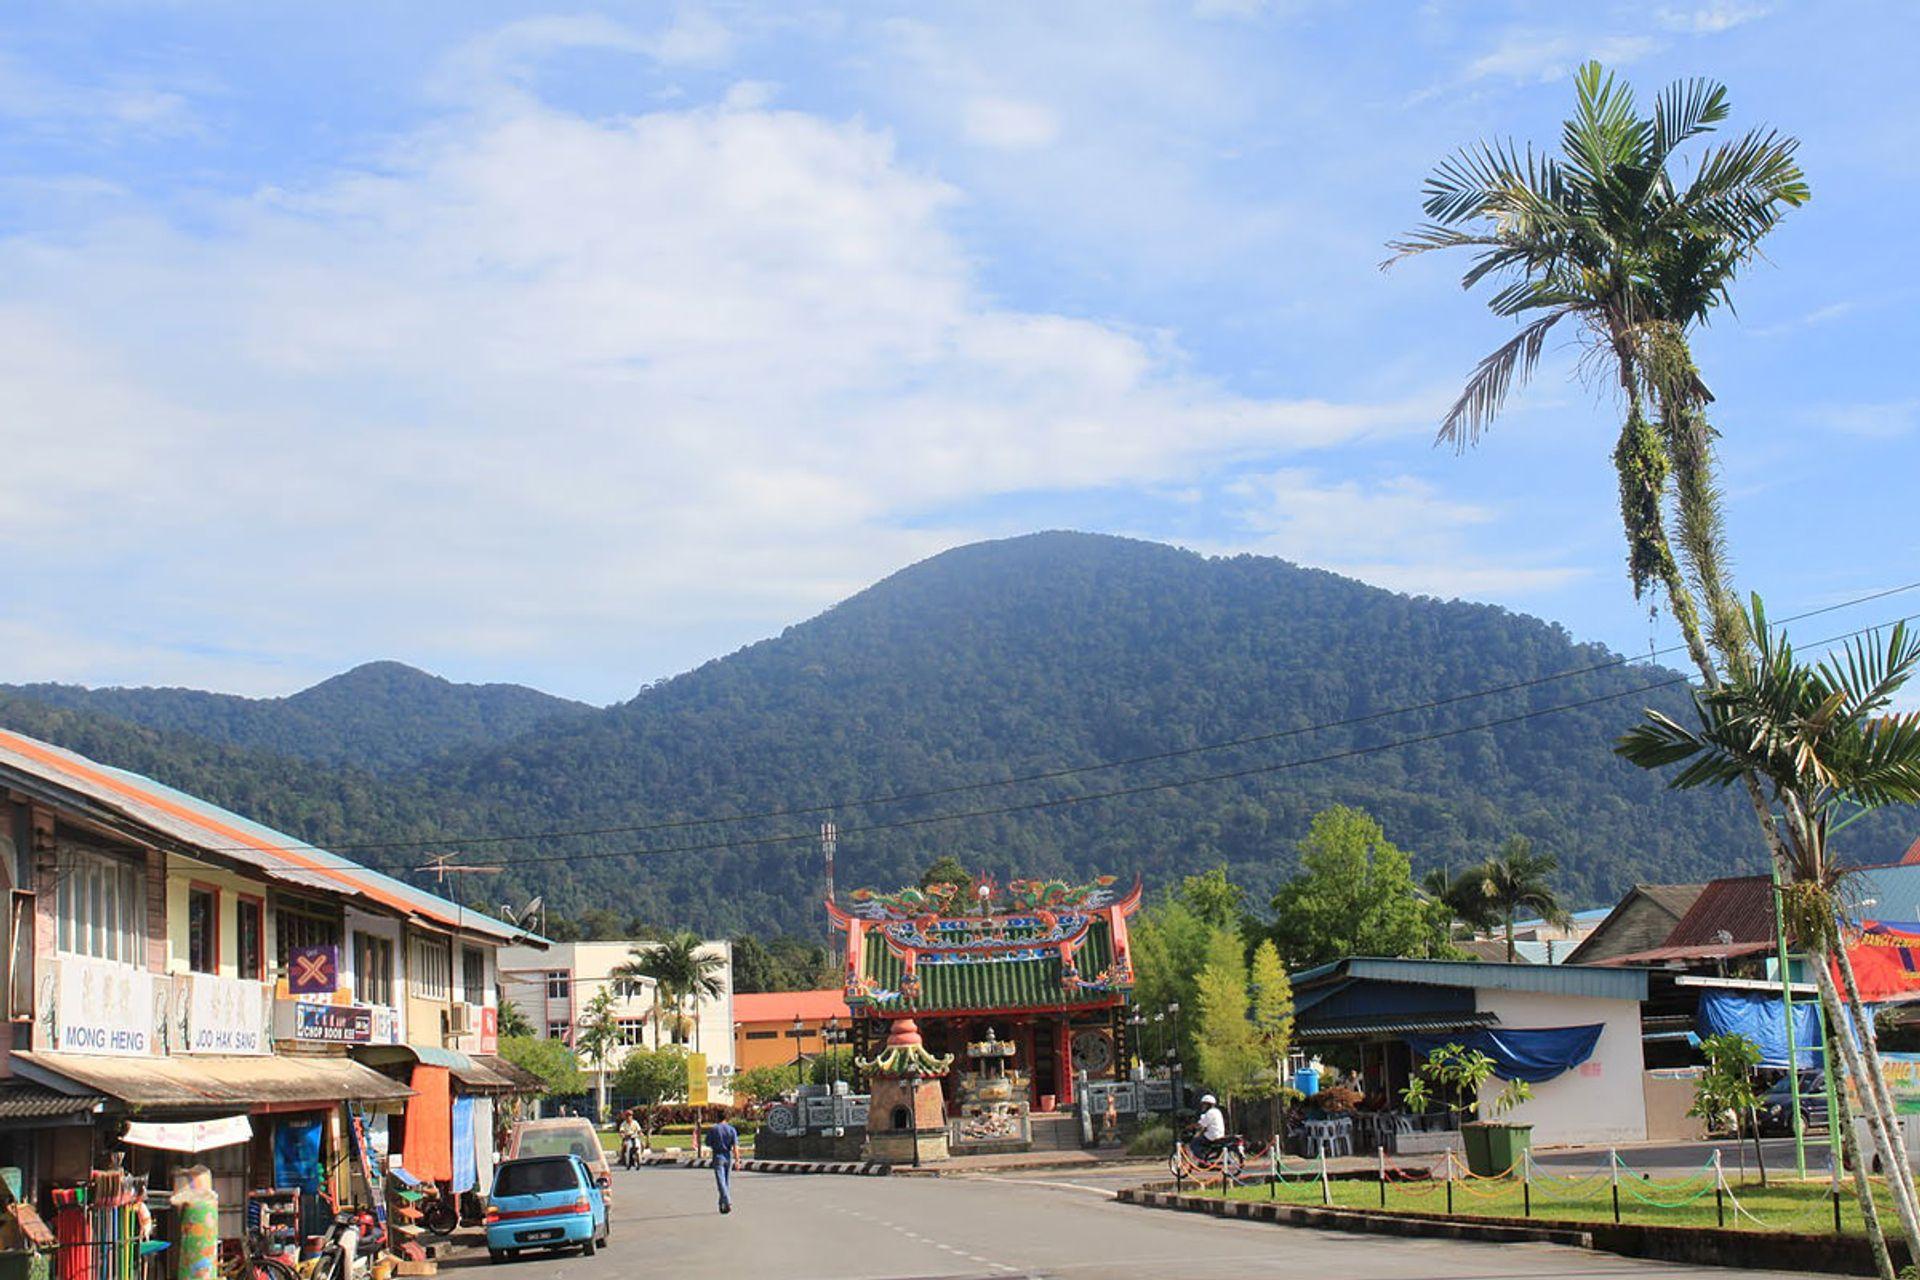 Công viên quốc gia Gunung Gading